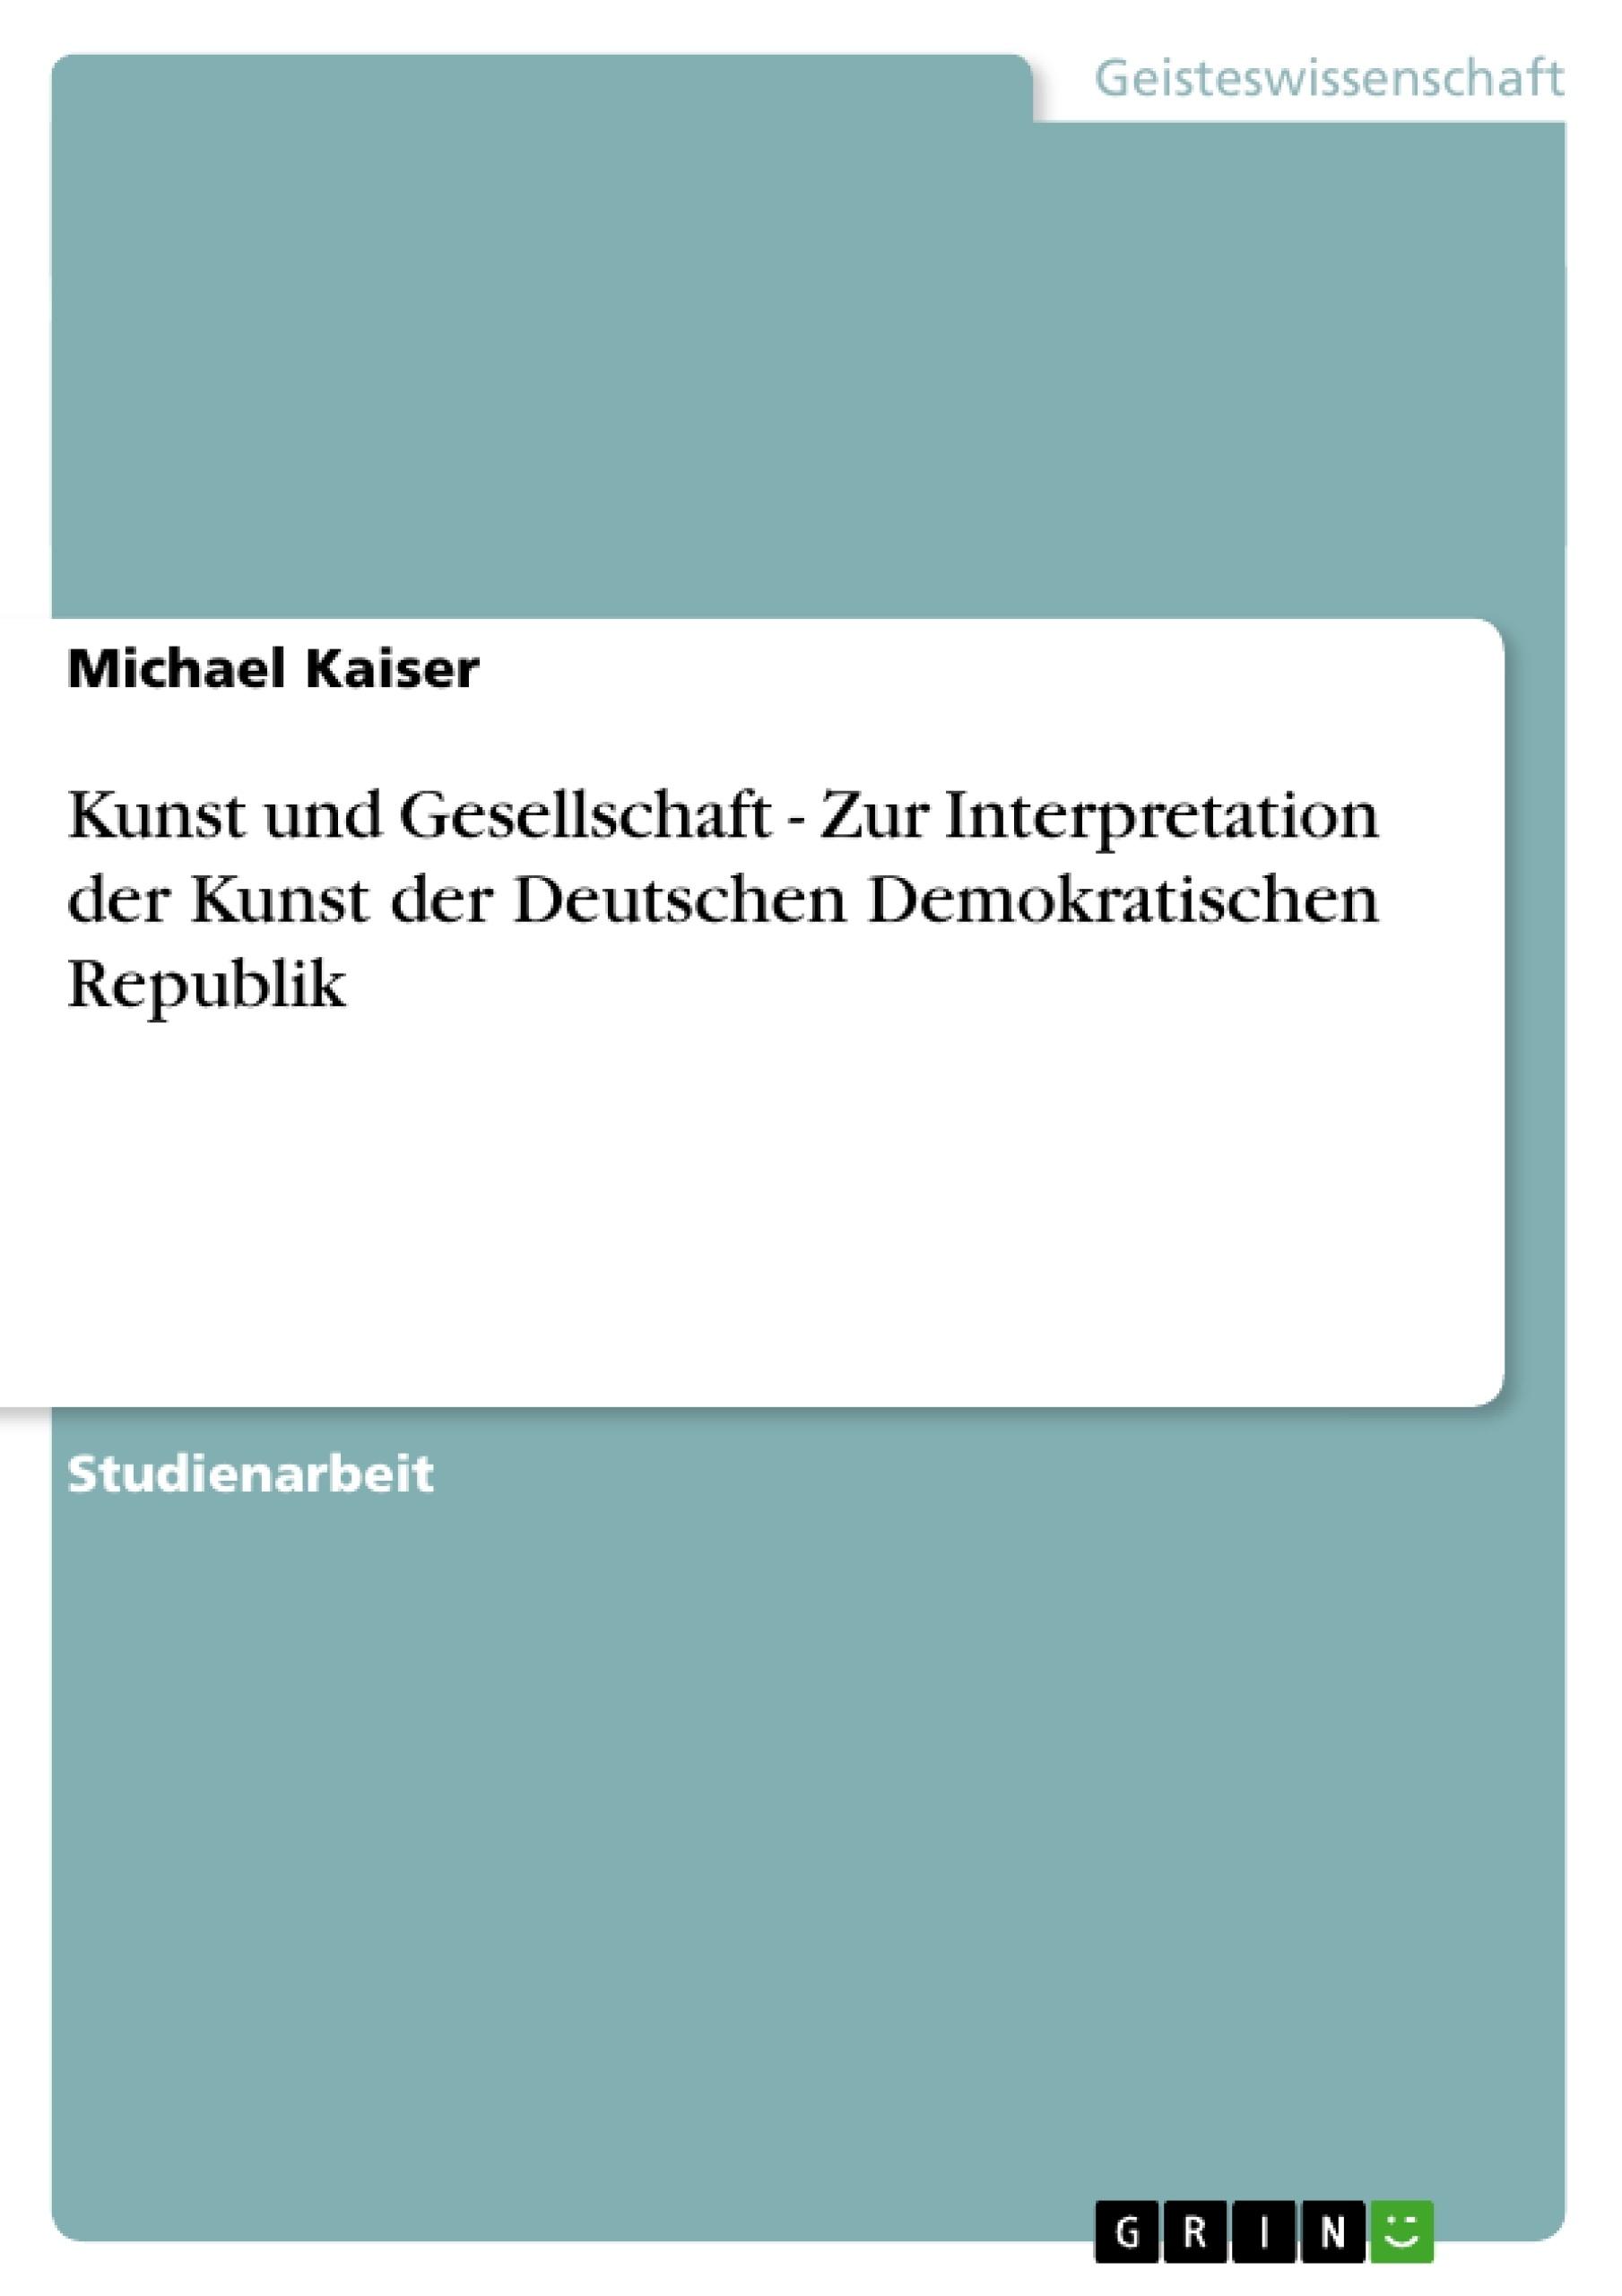 Titel: Kunst und Gesellschaft - Zur Interpretation der Kunst der Deutschen Demokratischen Republik